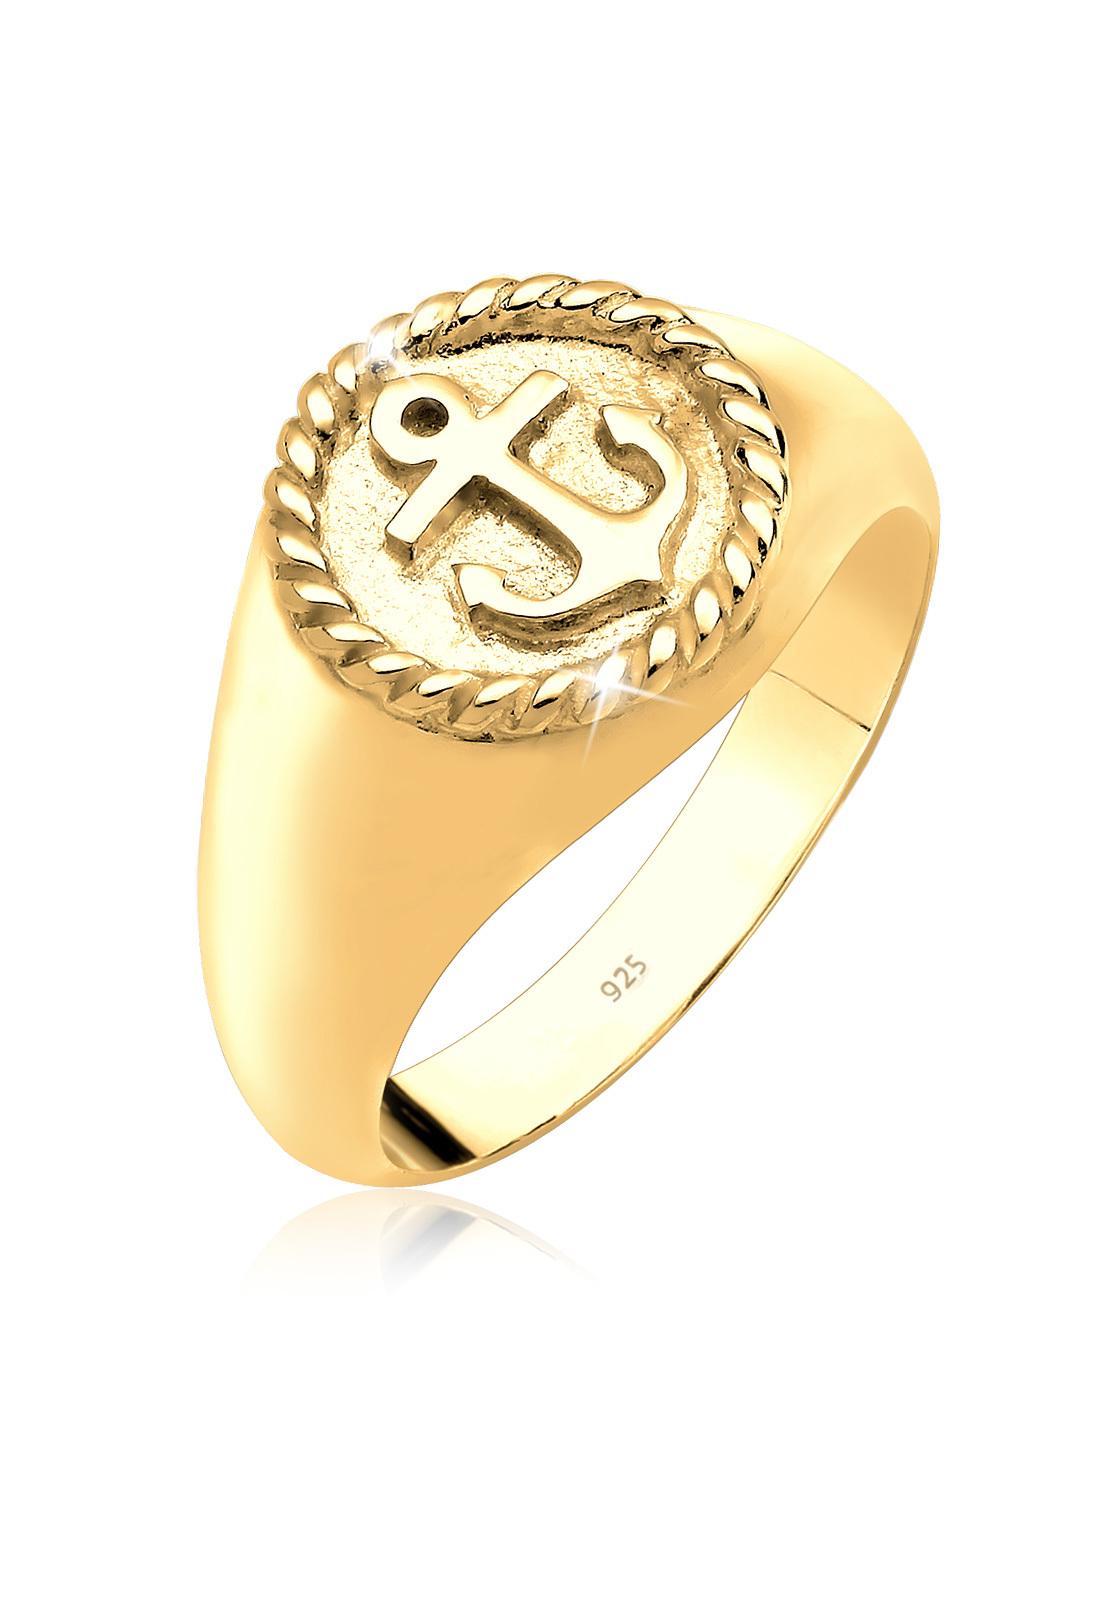 Ring Anker   925 Sterling Silber vergoldet